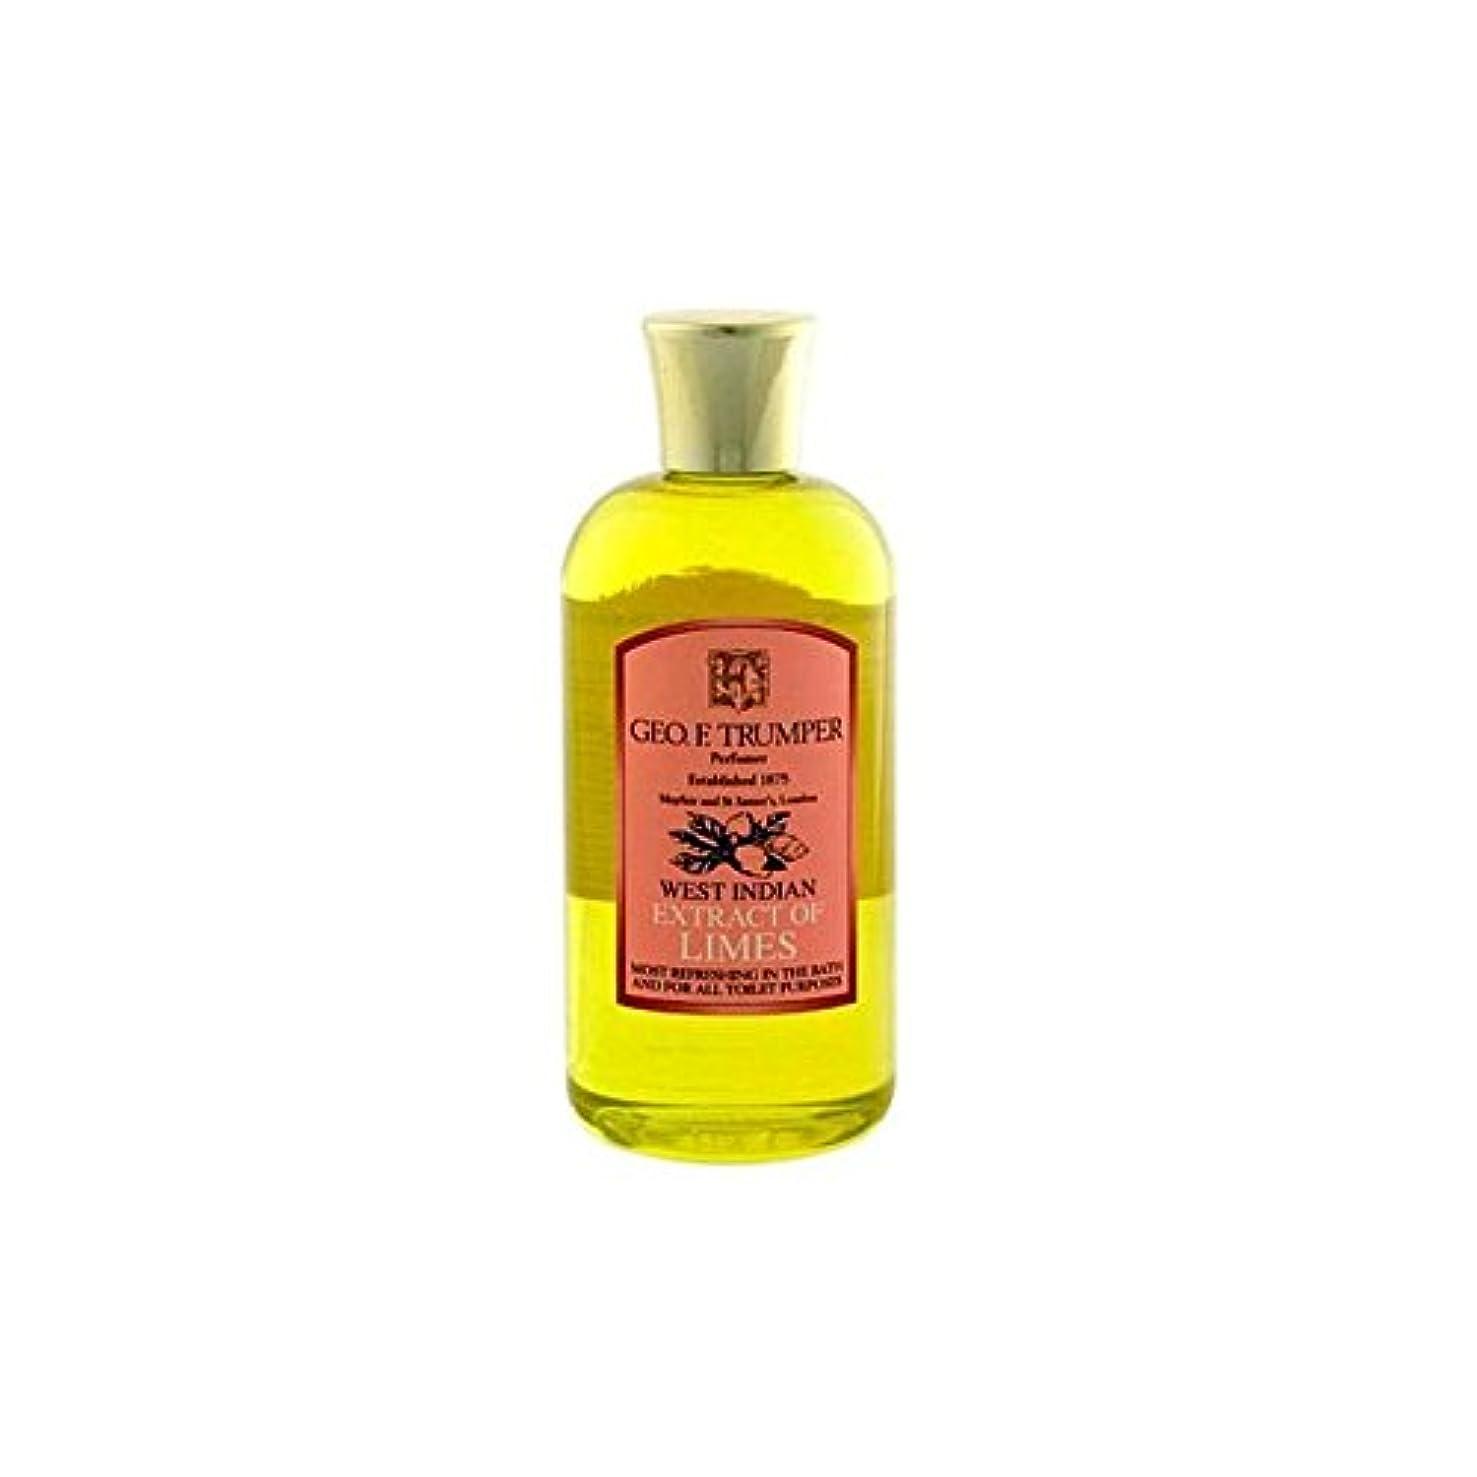 恥対応グッゲンハイム美術館Trumpers Extracts of Limes Bath and Shower Gel 200ml - ライムのバスタブとシャワージェル200の抽出物を [並行輸入品]